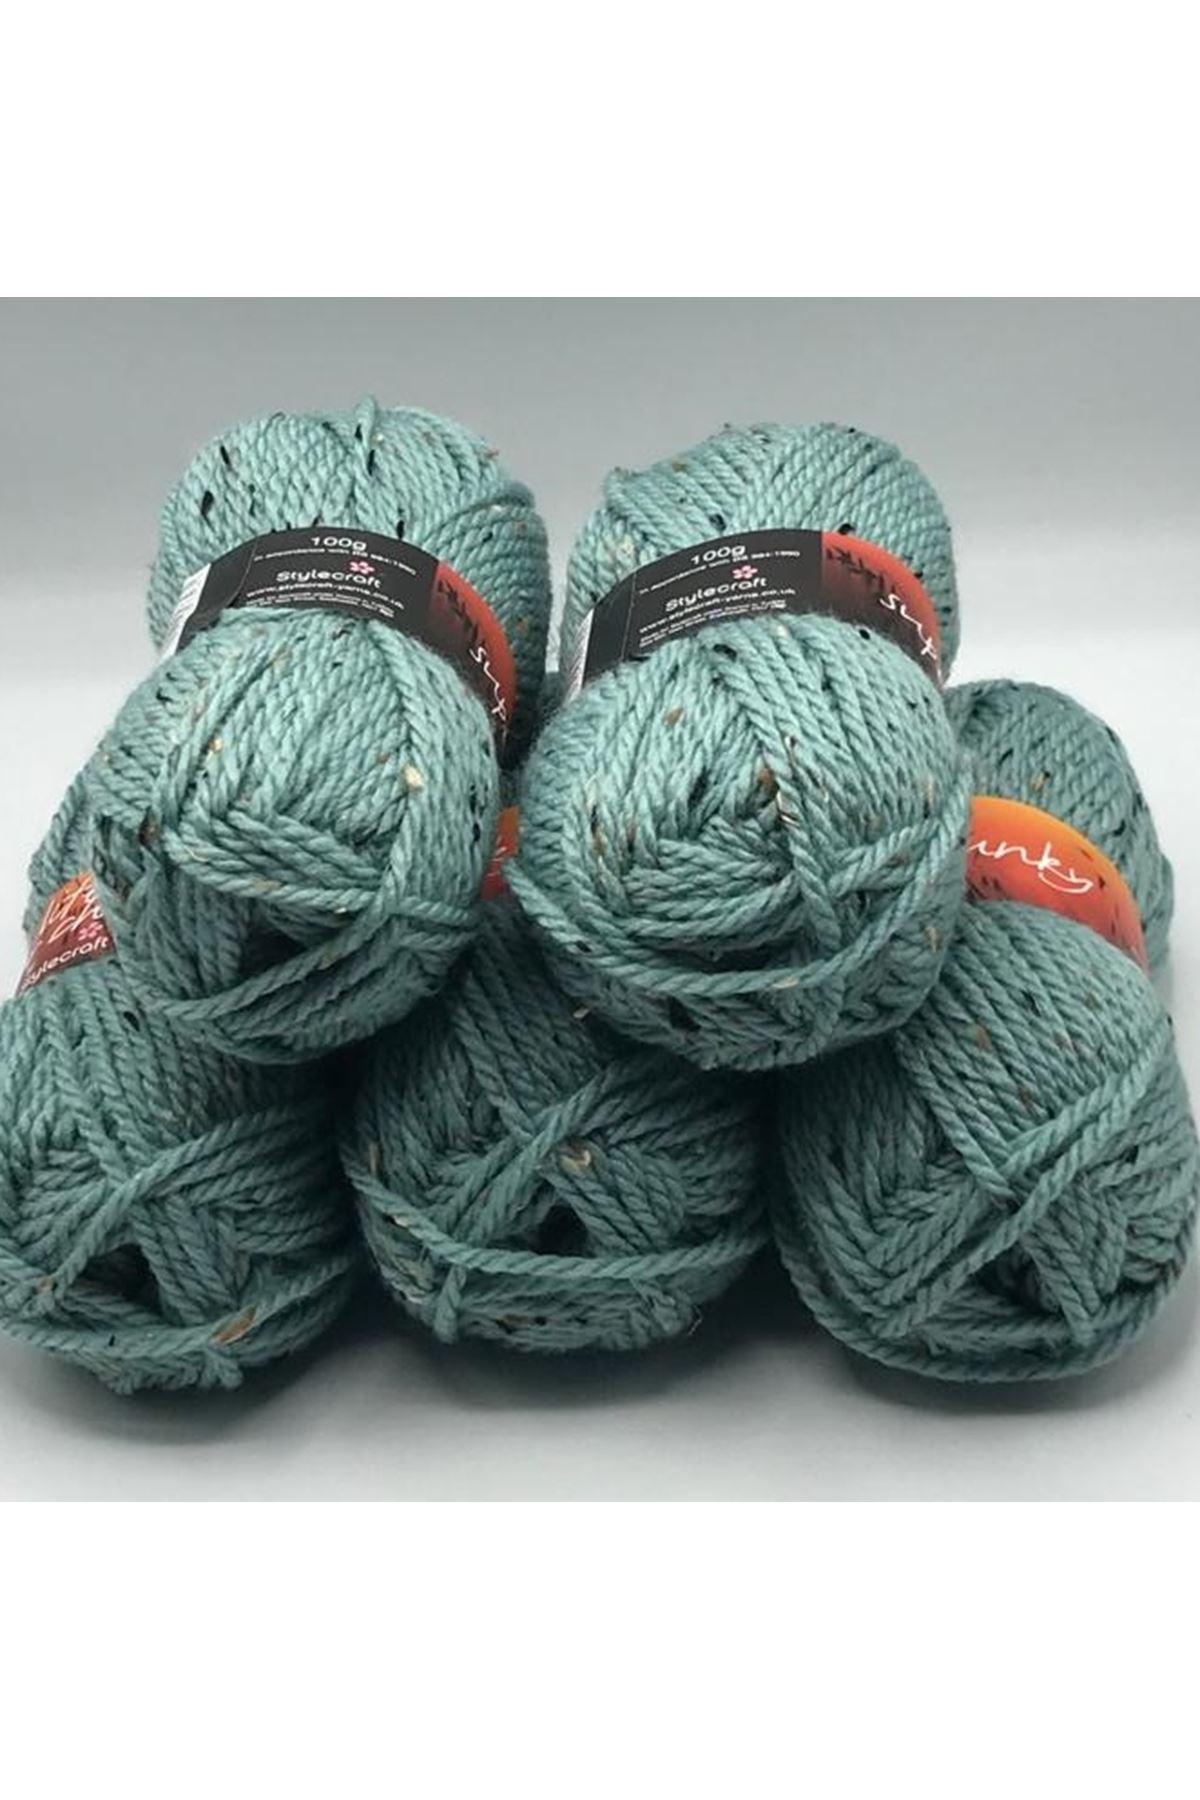 İhrac Fazlası 5'li Paket Yünlü Tweed Yeşil 264